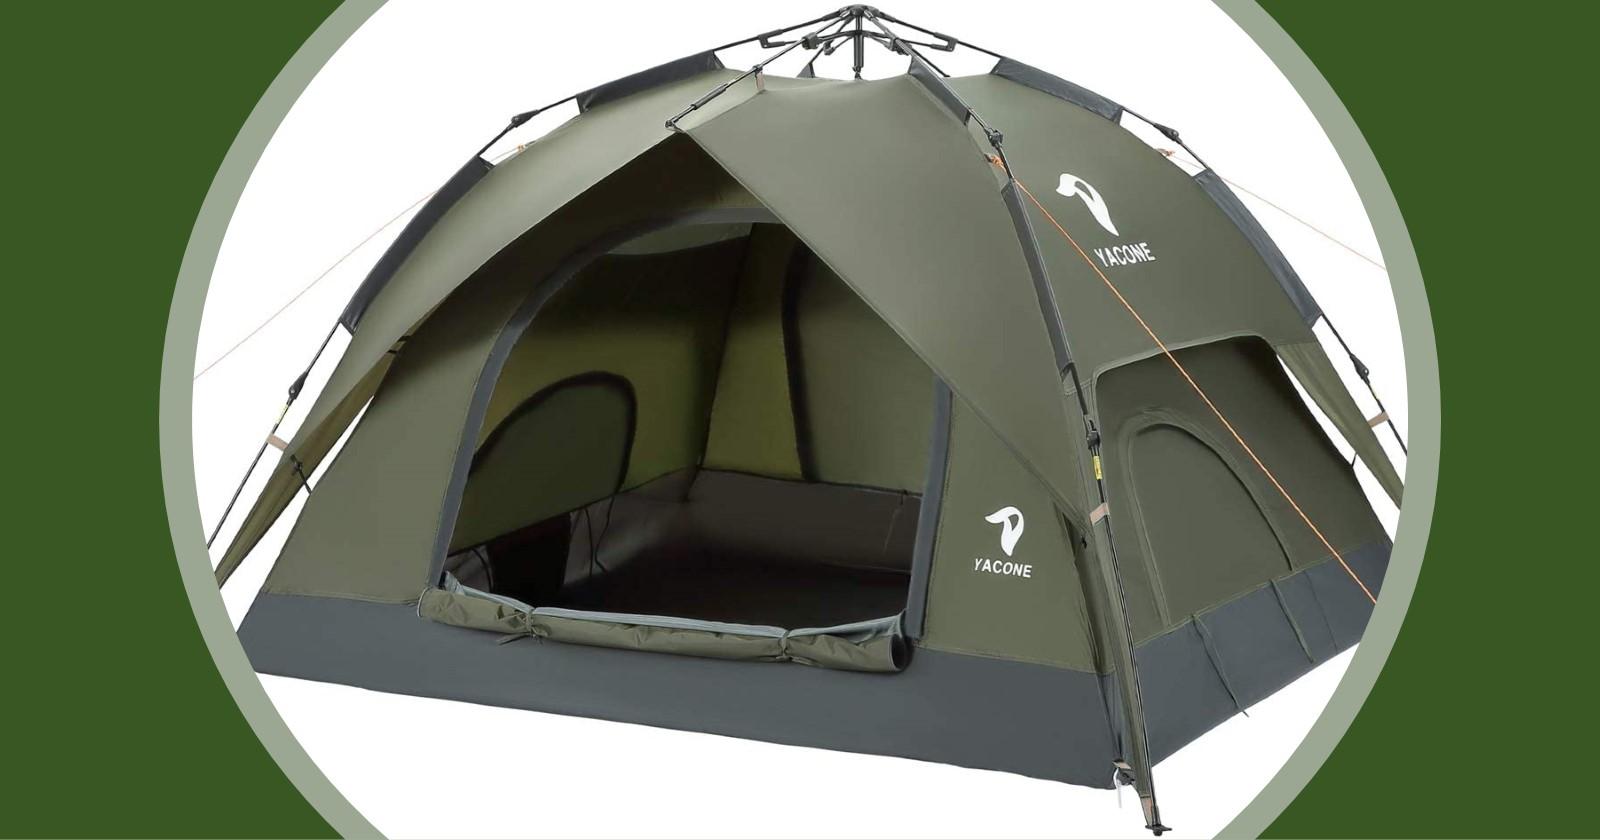 Amazonタイムセールでテントもタープもそれ以外のギアも安い!2021年7月27日のお買い得アイテム